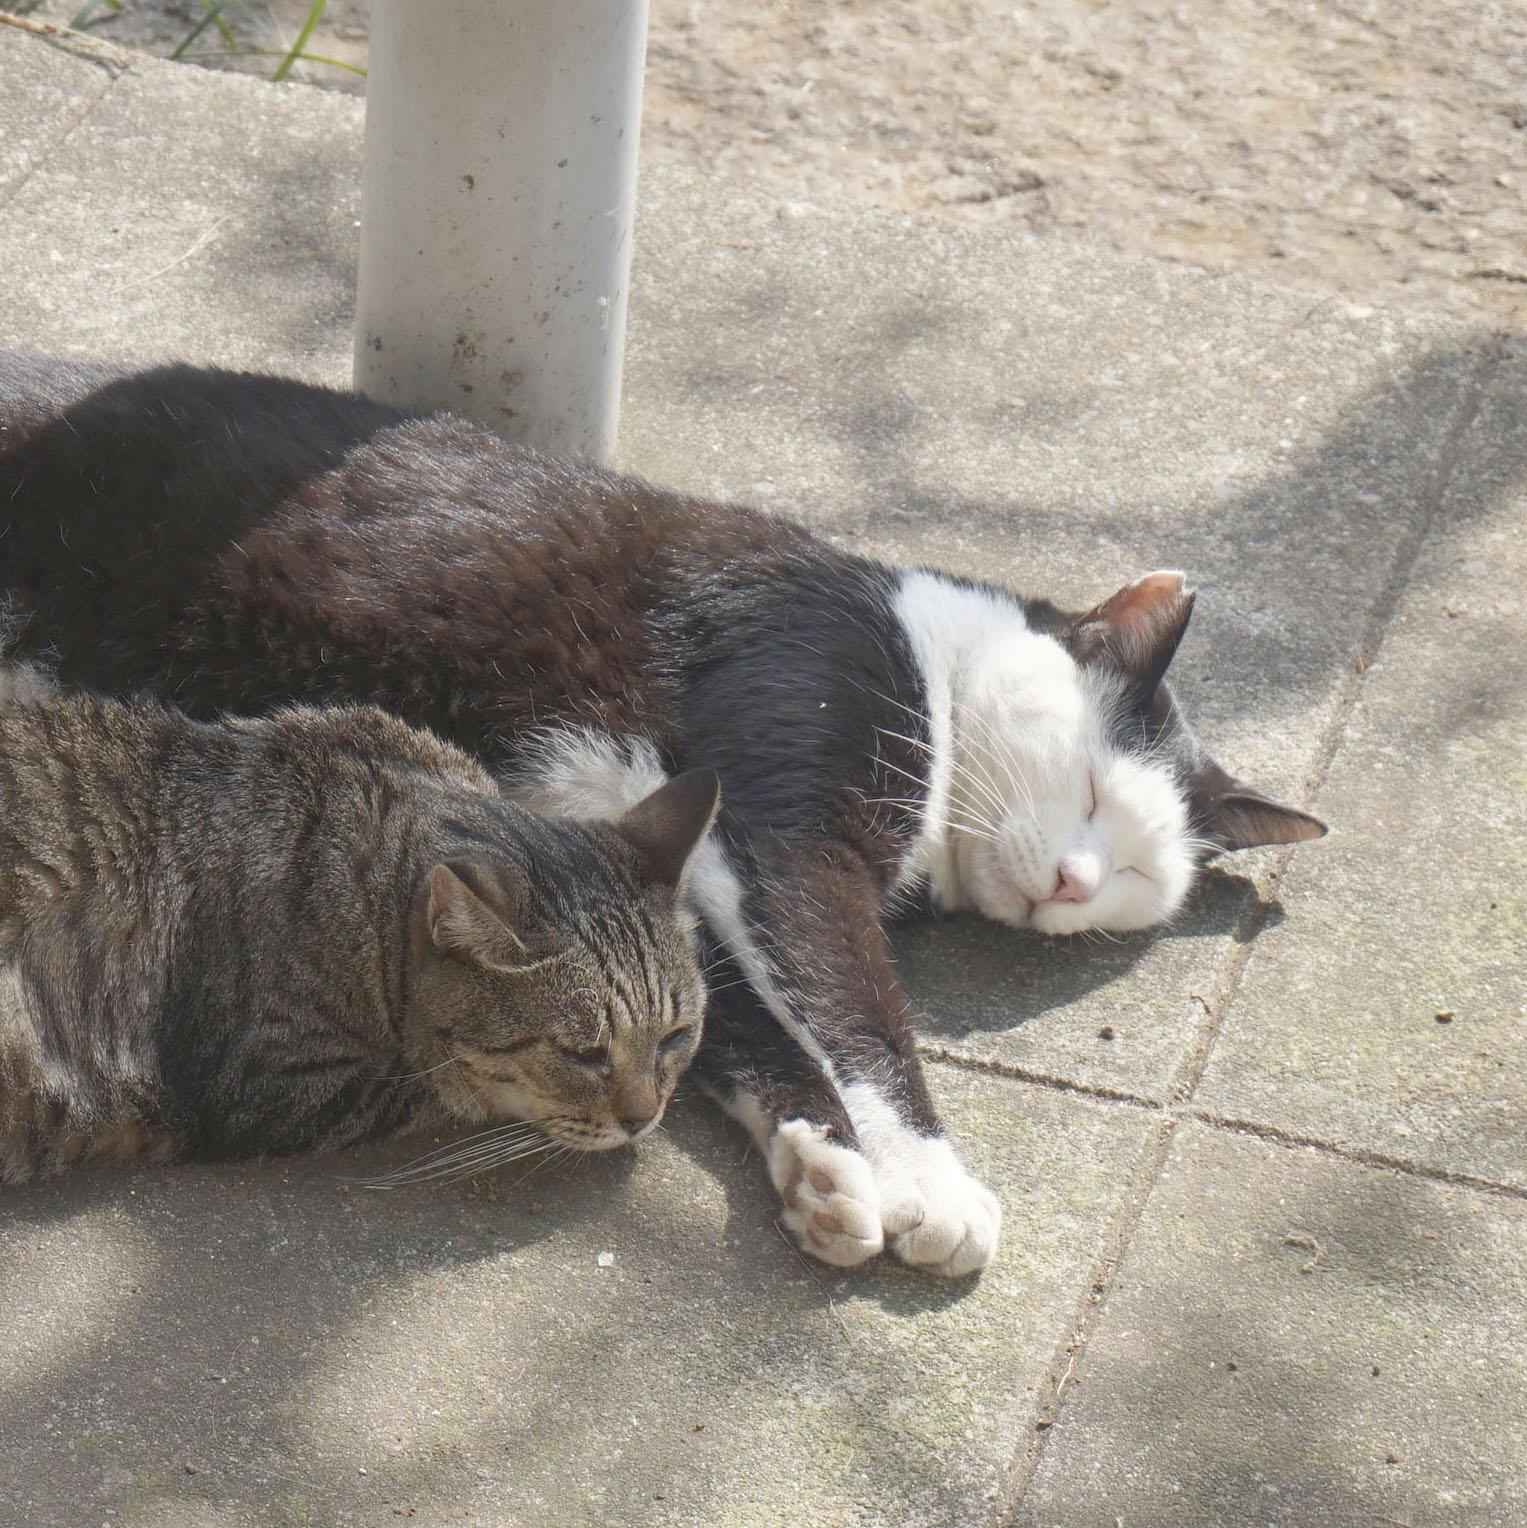 地域猫活動は置き去られた猫のセーフティネット 「ねりまねこ」講演(3)